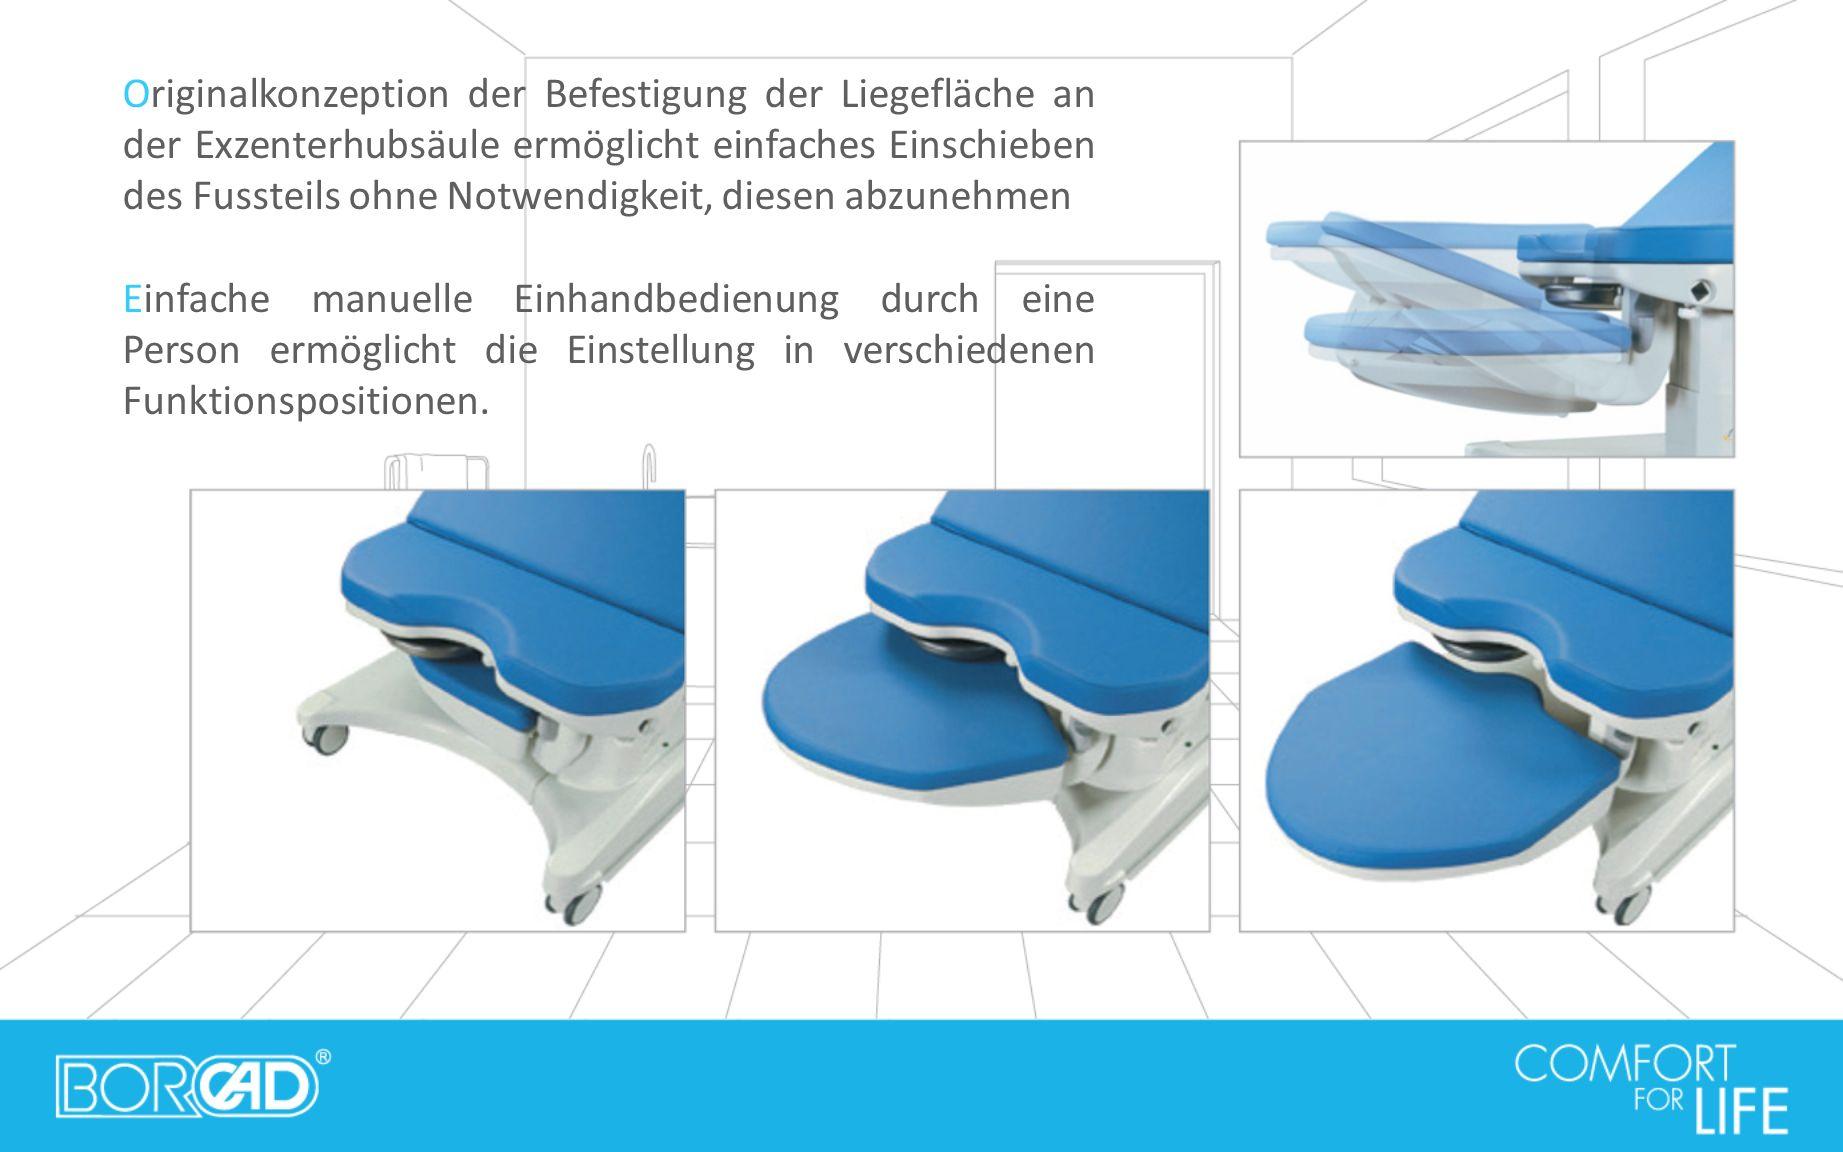 Originalkonzeption der Befestigung der Liegefläche an der Exzenterhubsäule ermöglicht einfaches Einschieben des Fussteils ohne Notwendigkeit, diesen a